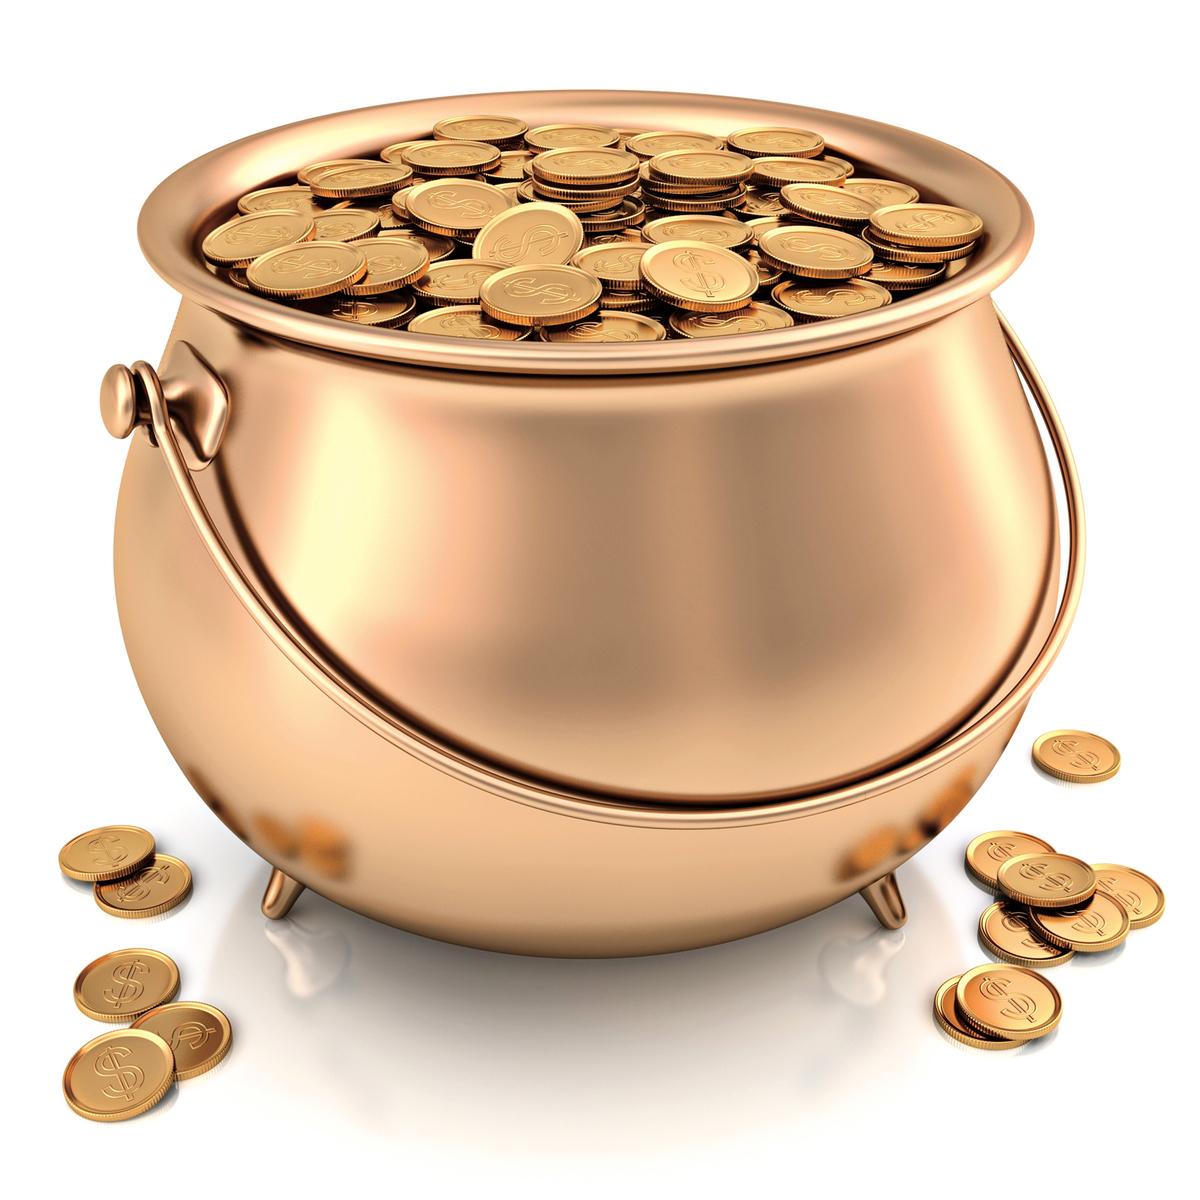 與同門弟子相比,子貢最特殊的地方或許是他善於經商,積累千金之富。(shotterstock)